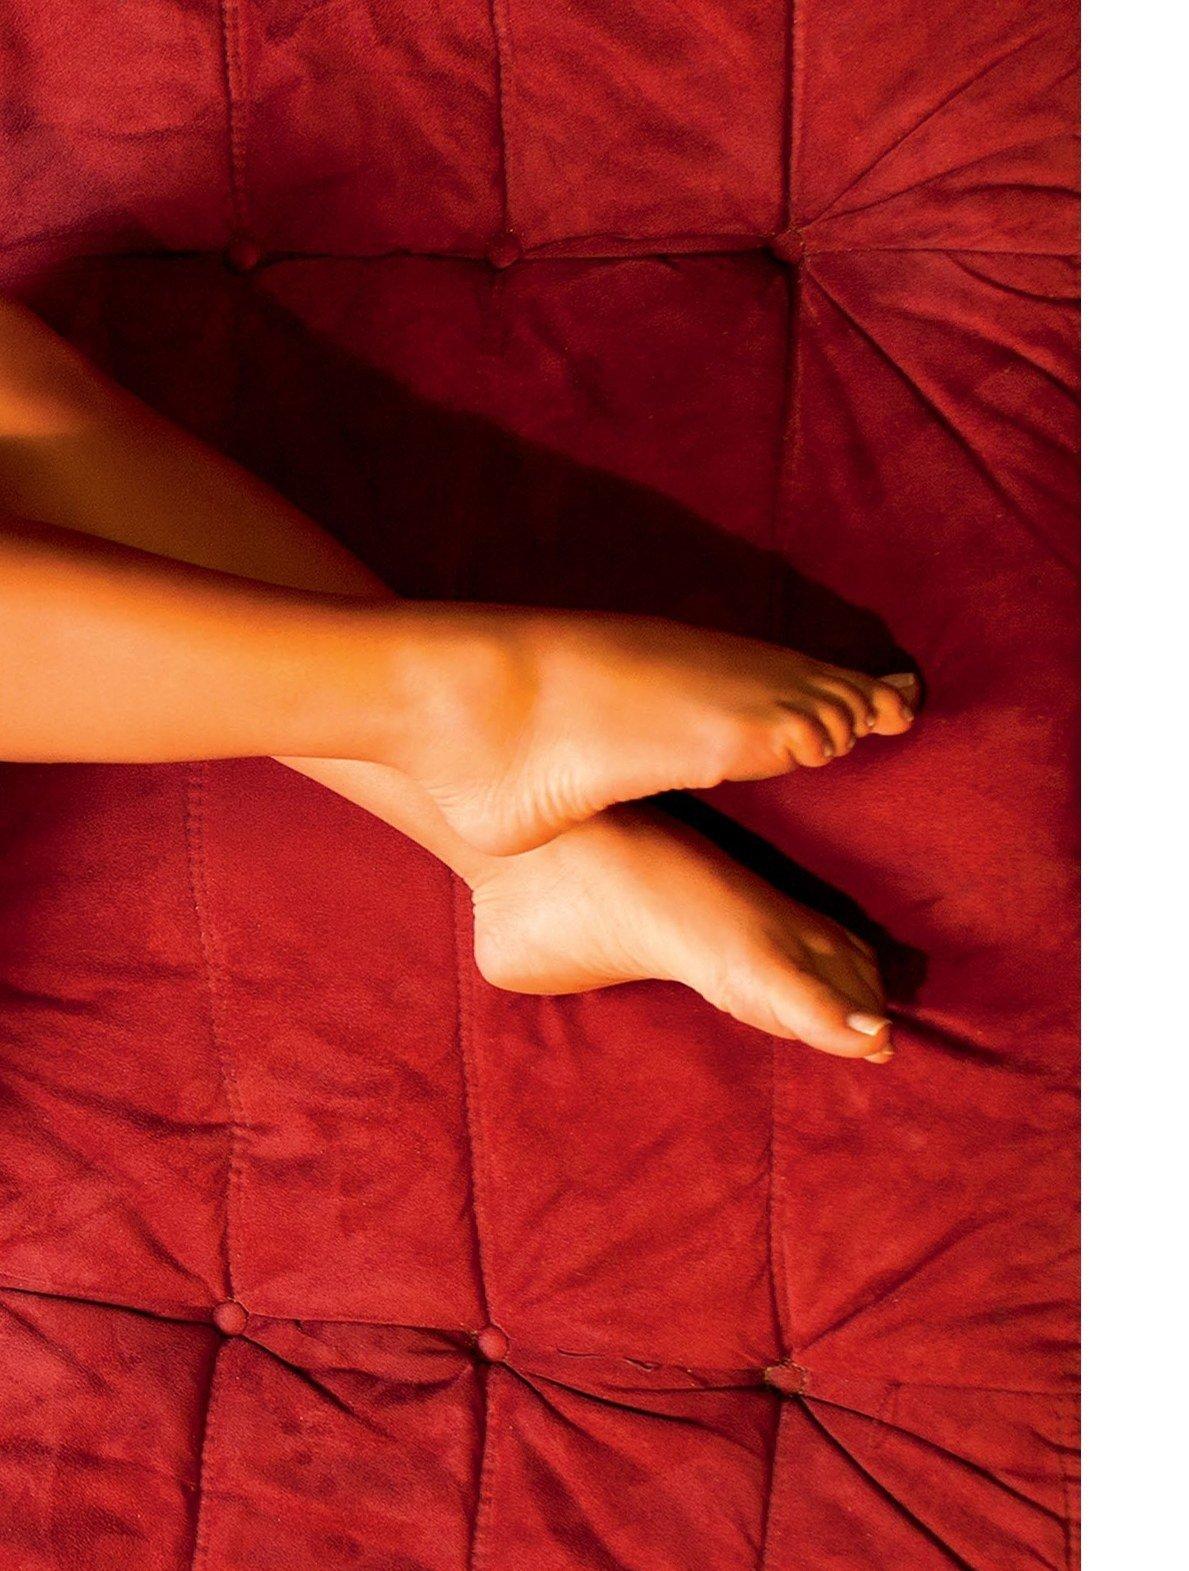 Fotos Playboy Panicat Iara Ramos Outubro (17)